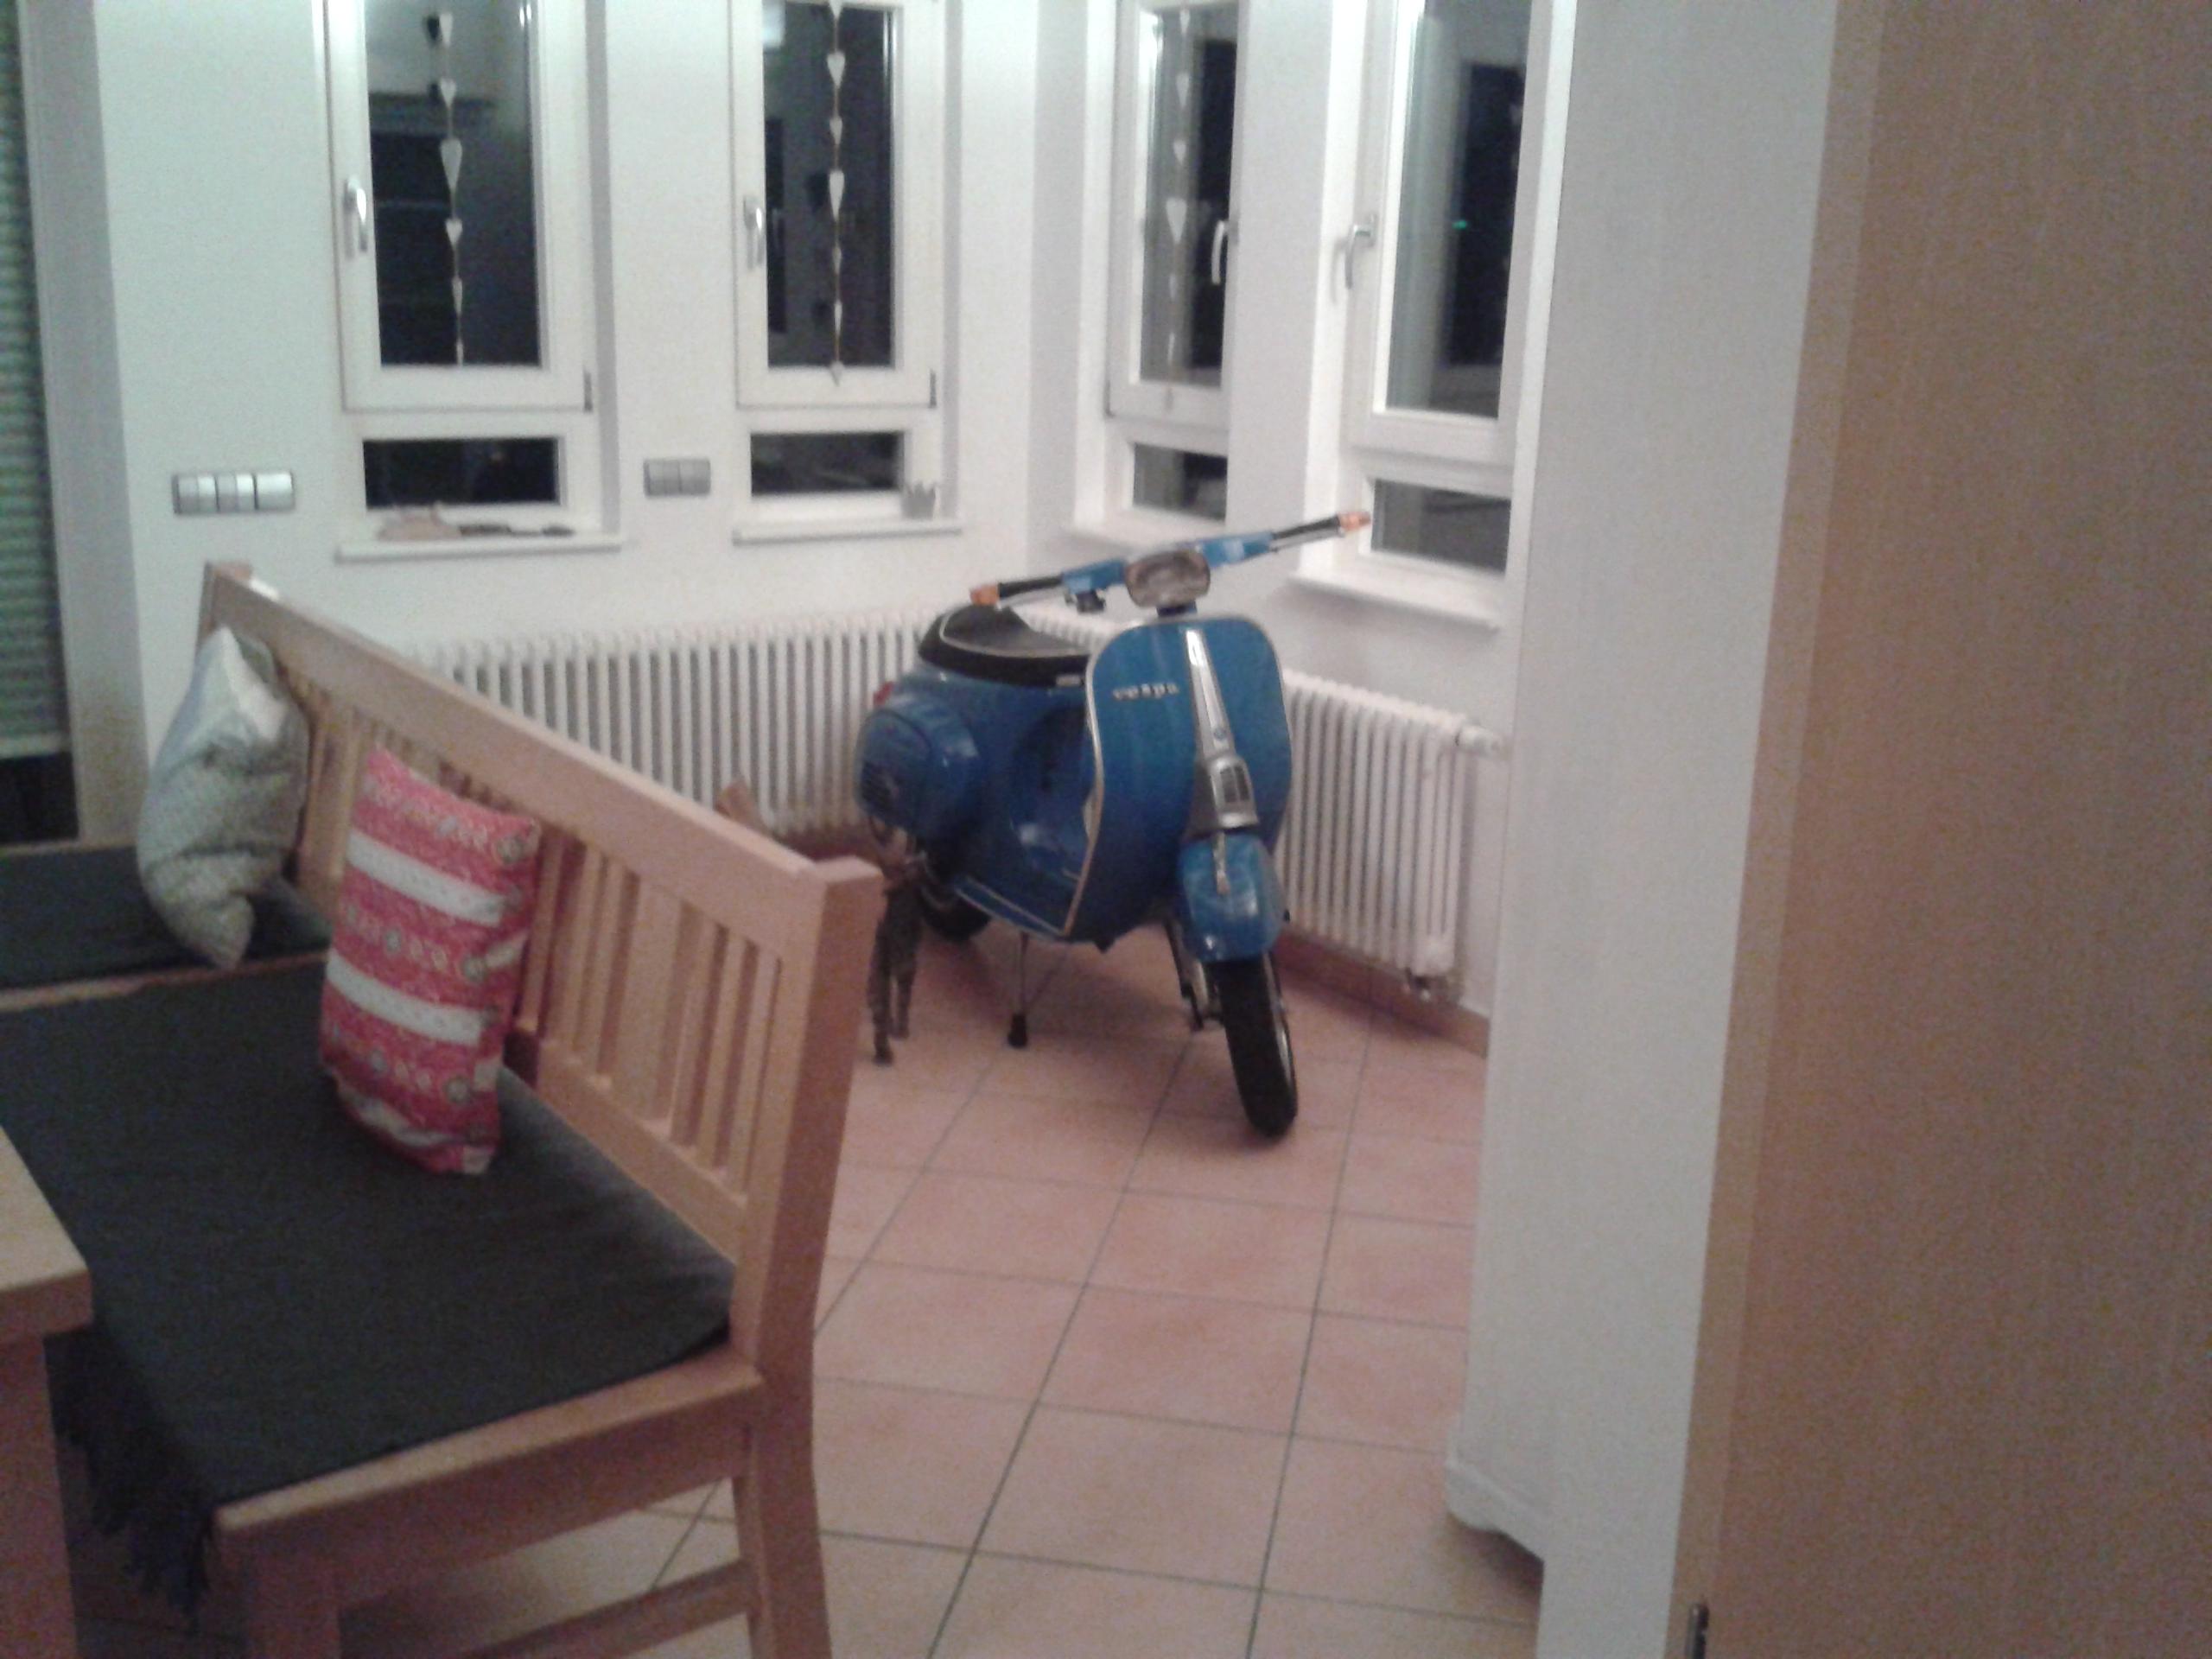 Roller fit f rs wohnzimmer machen seite 2 blabla gsf das vespa lambretta forum - Essecke roller ...